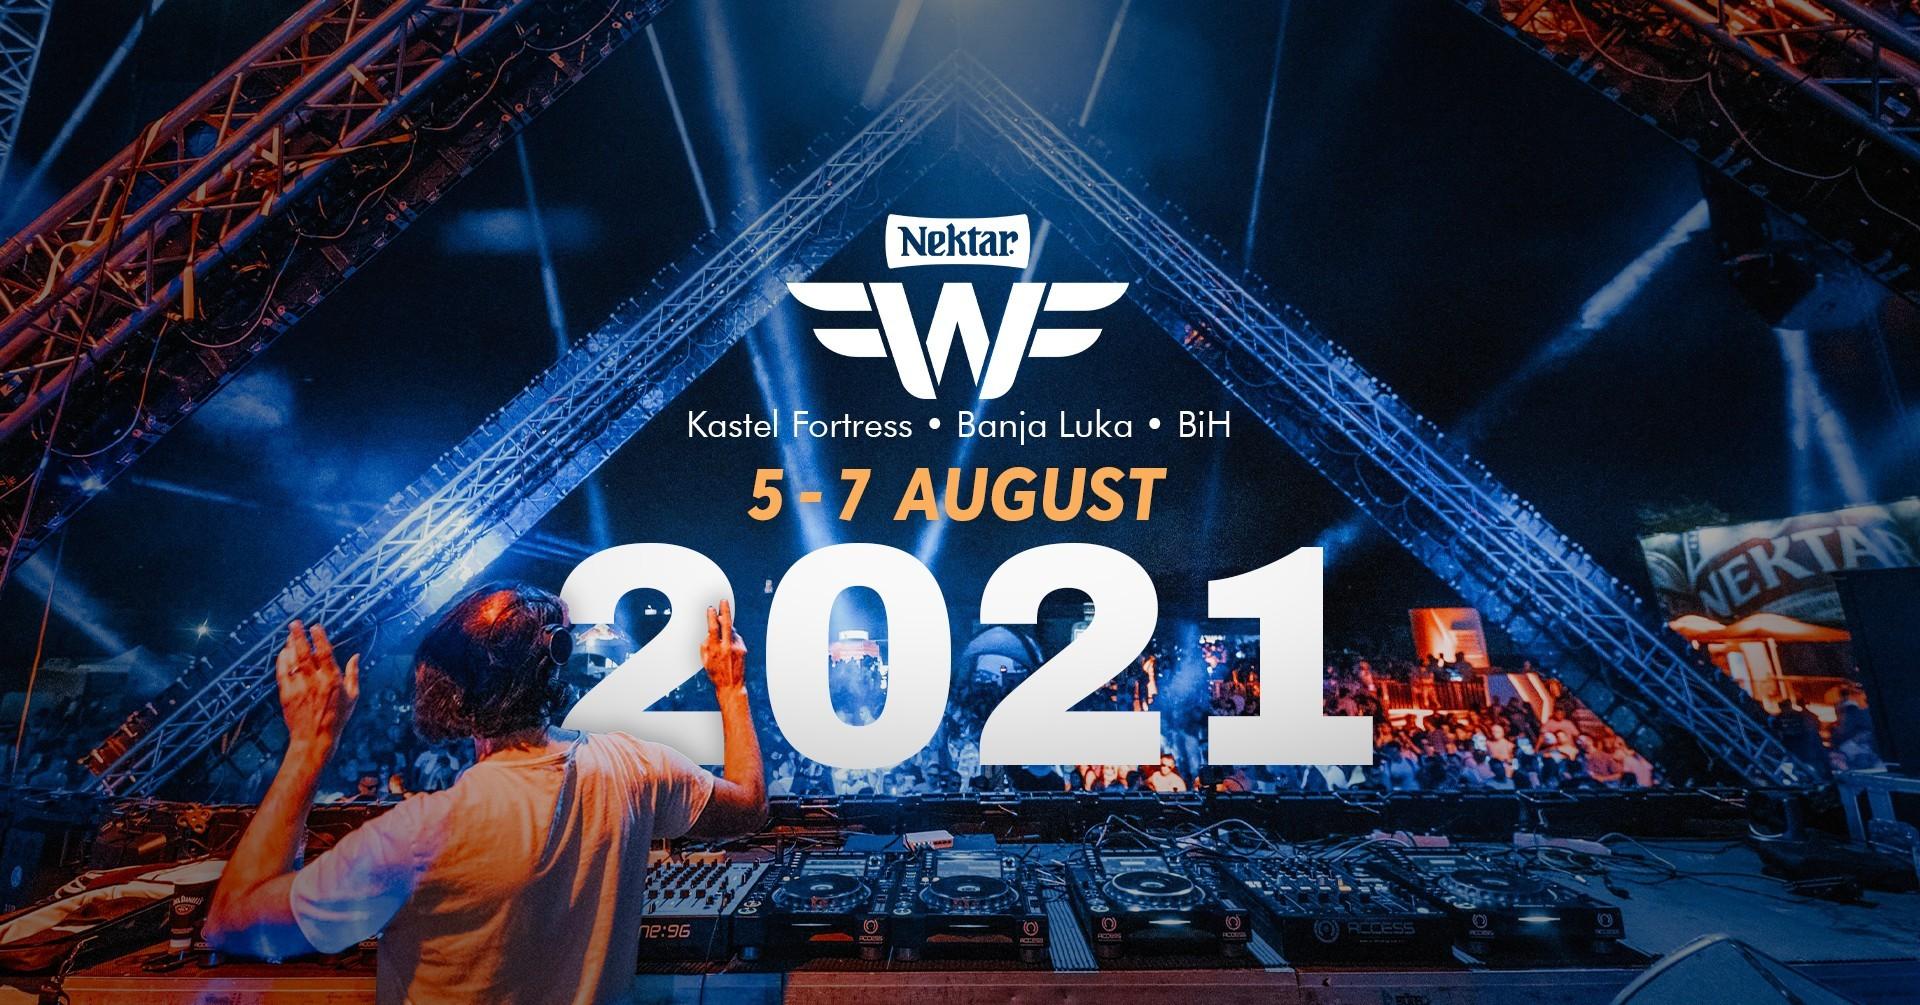 plakat-nektar-fresh-wave-festival-2021-banja-luka